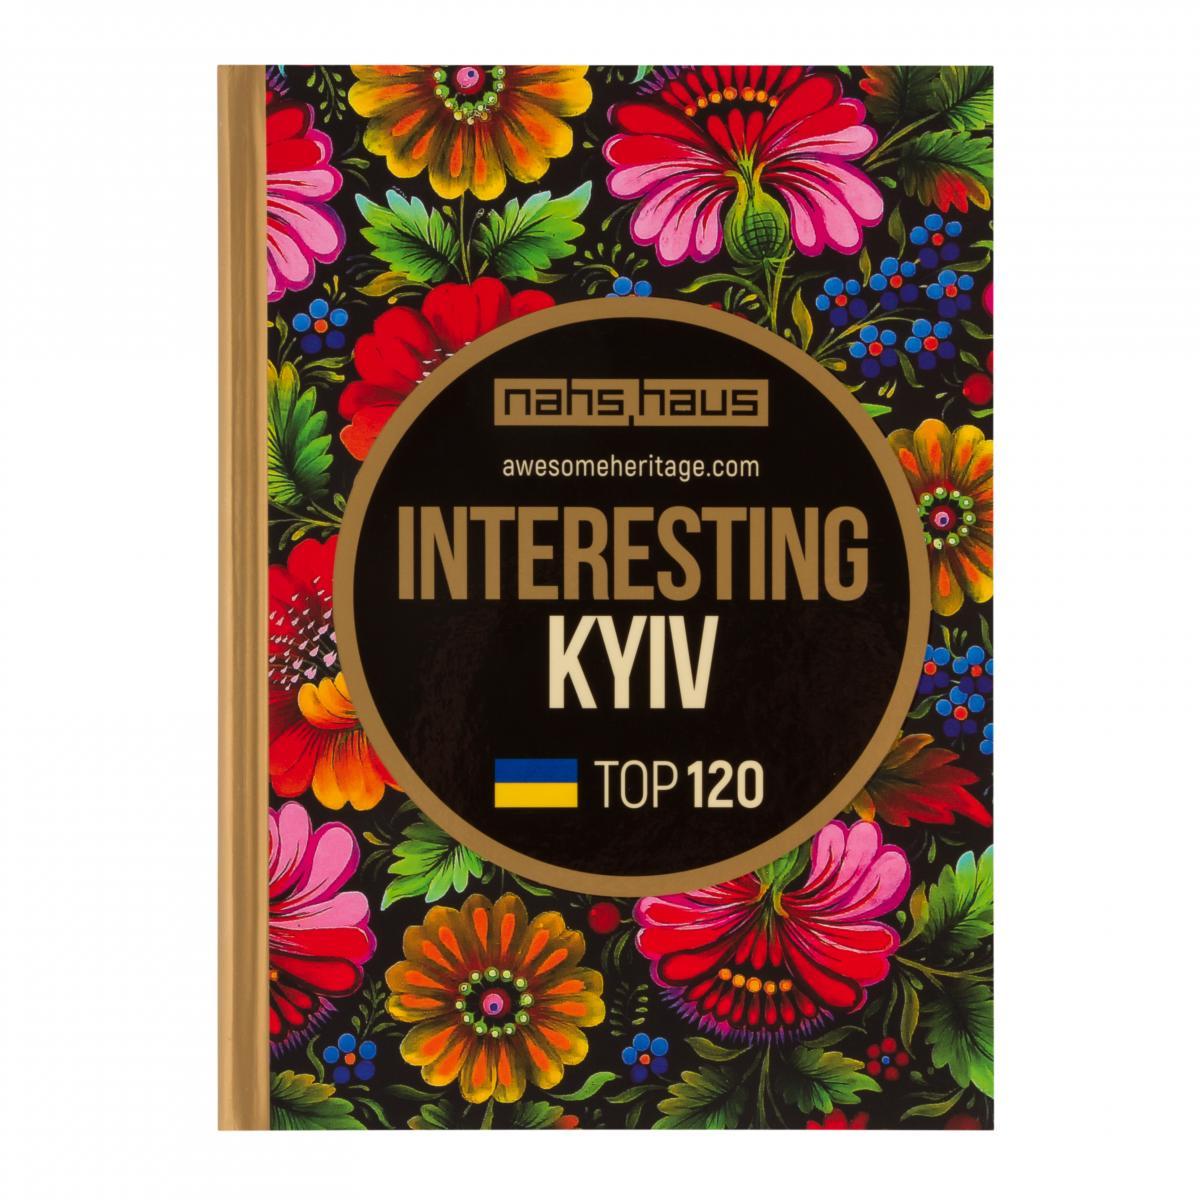 Книга Interesting Kyiv. Фото №1. | Народний дім Україна